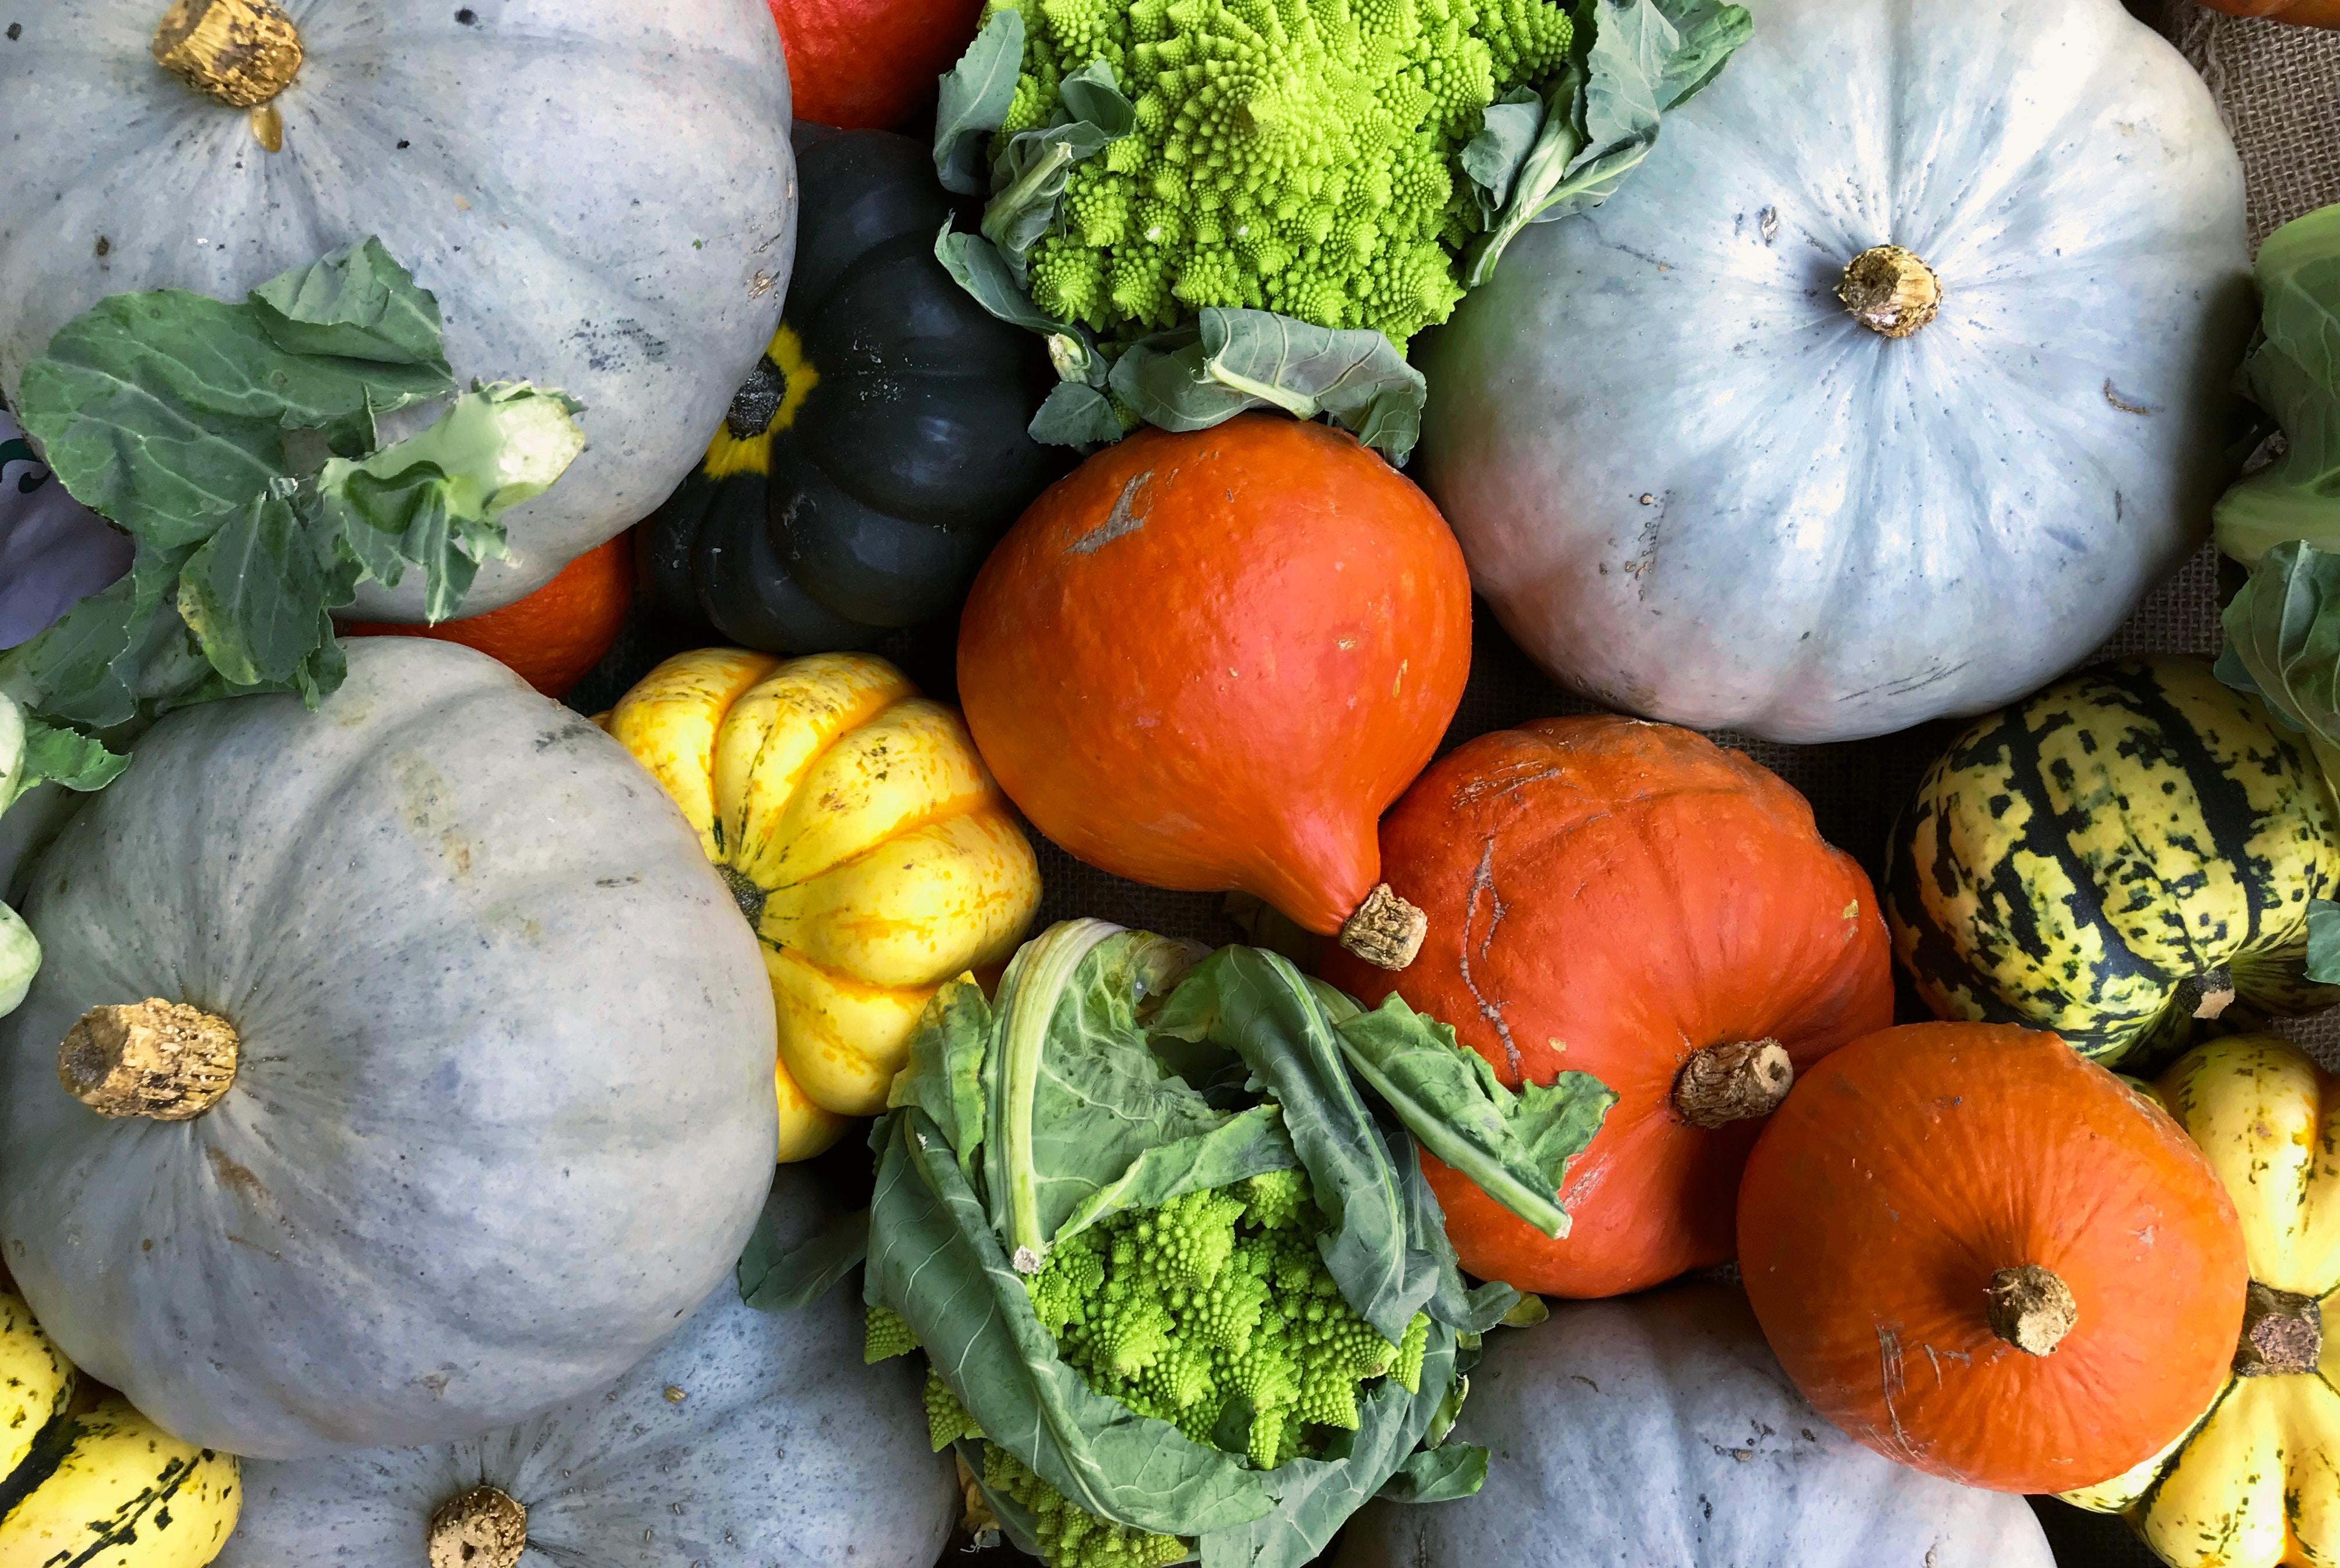 色鮮やかなカボチャや葉野菜